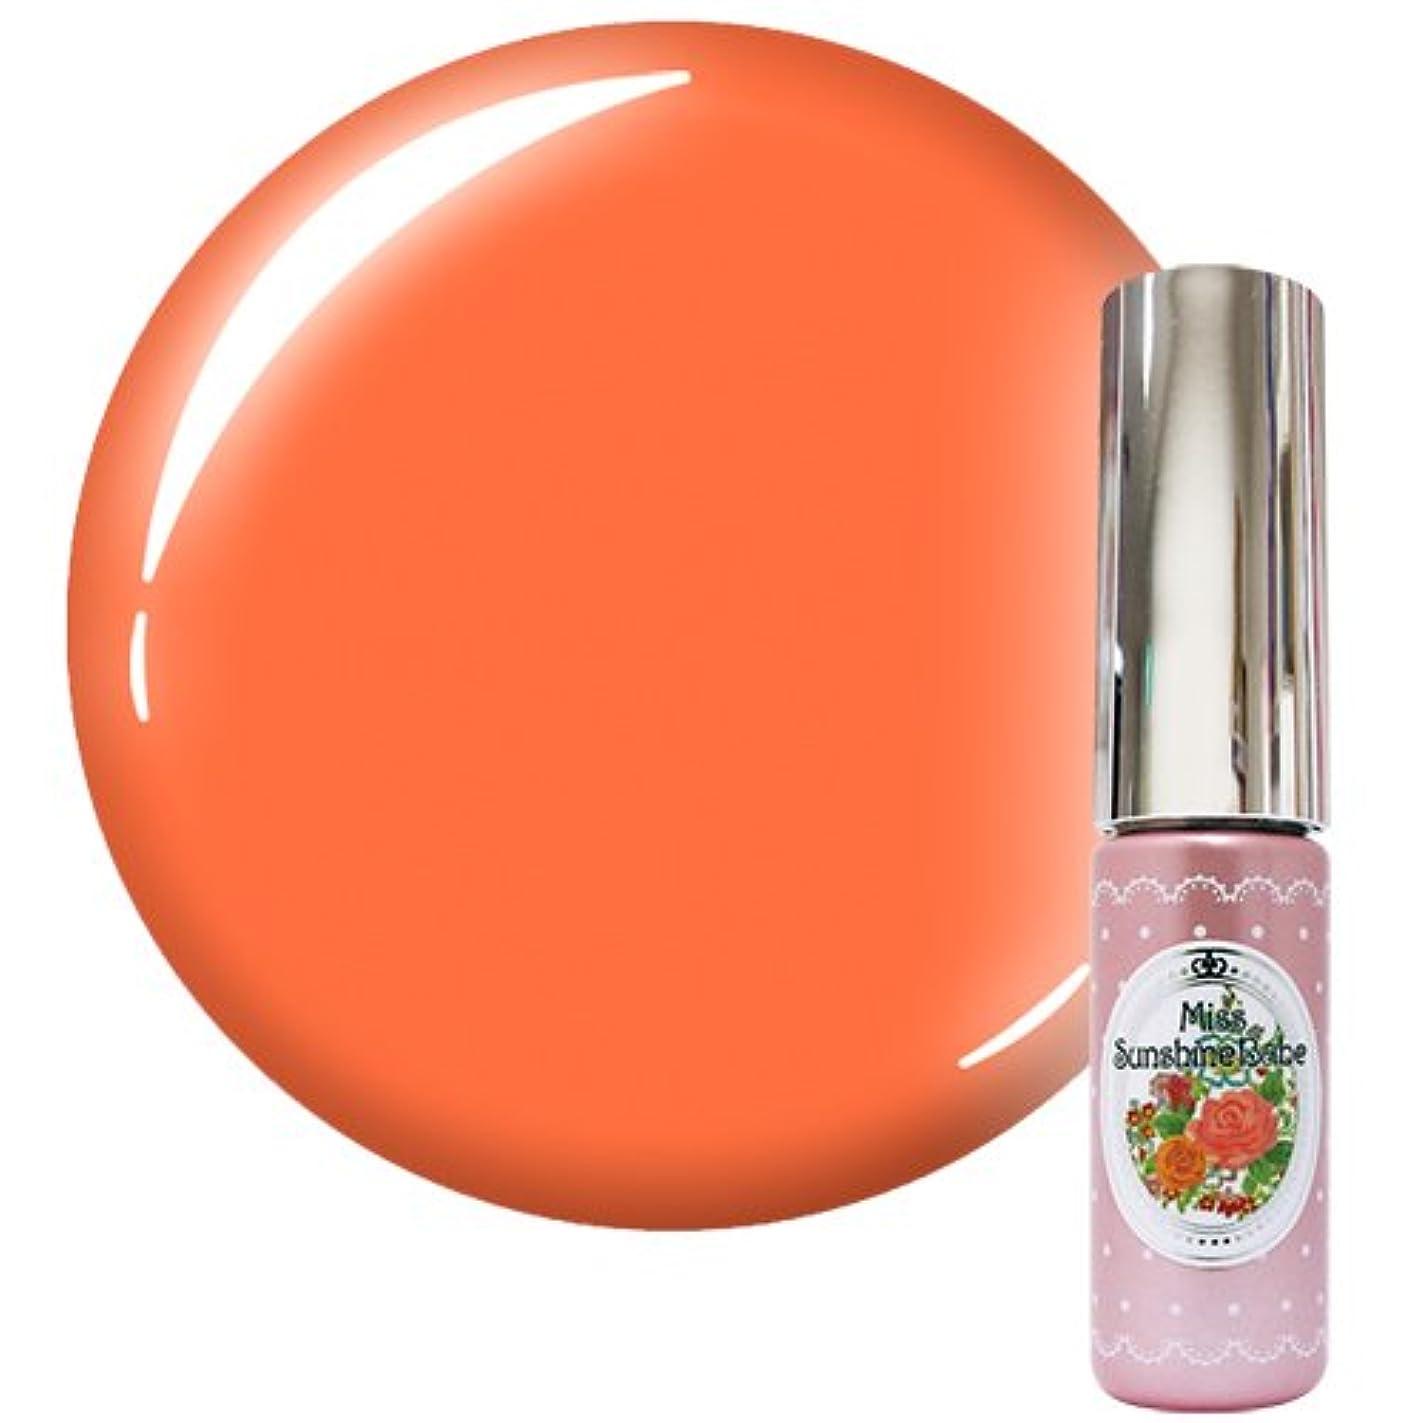 華氏忘れられないゴミ箱を空にするMiss SunshineBabe ミス サンシャインベビー カラージェル MC-33 5g サマーパステルオレンジ